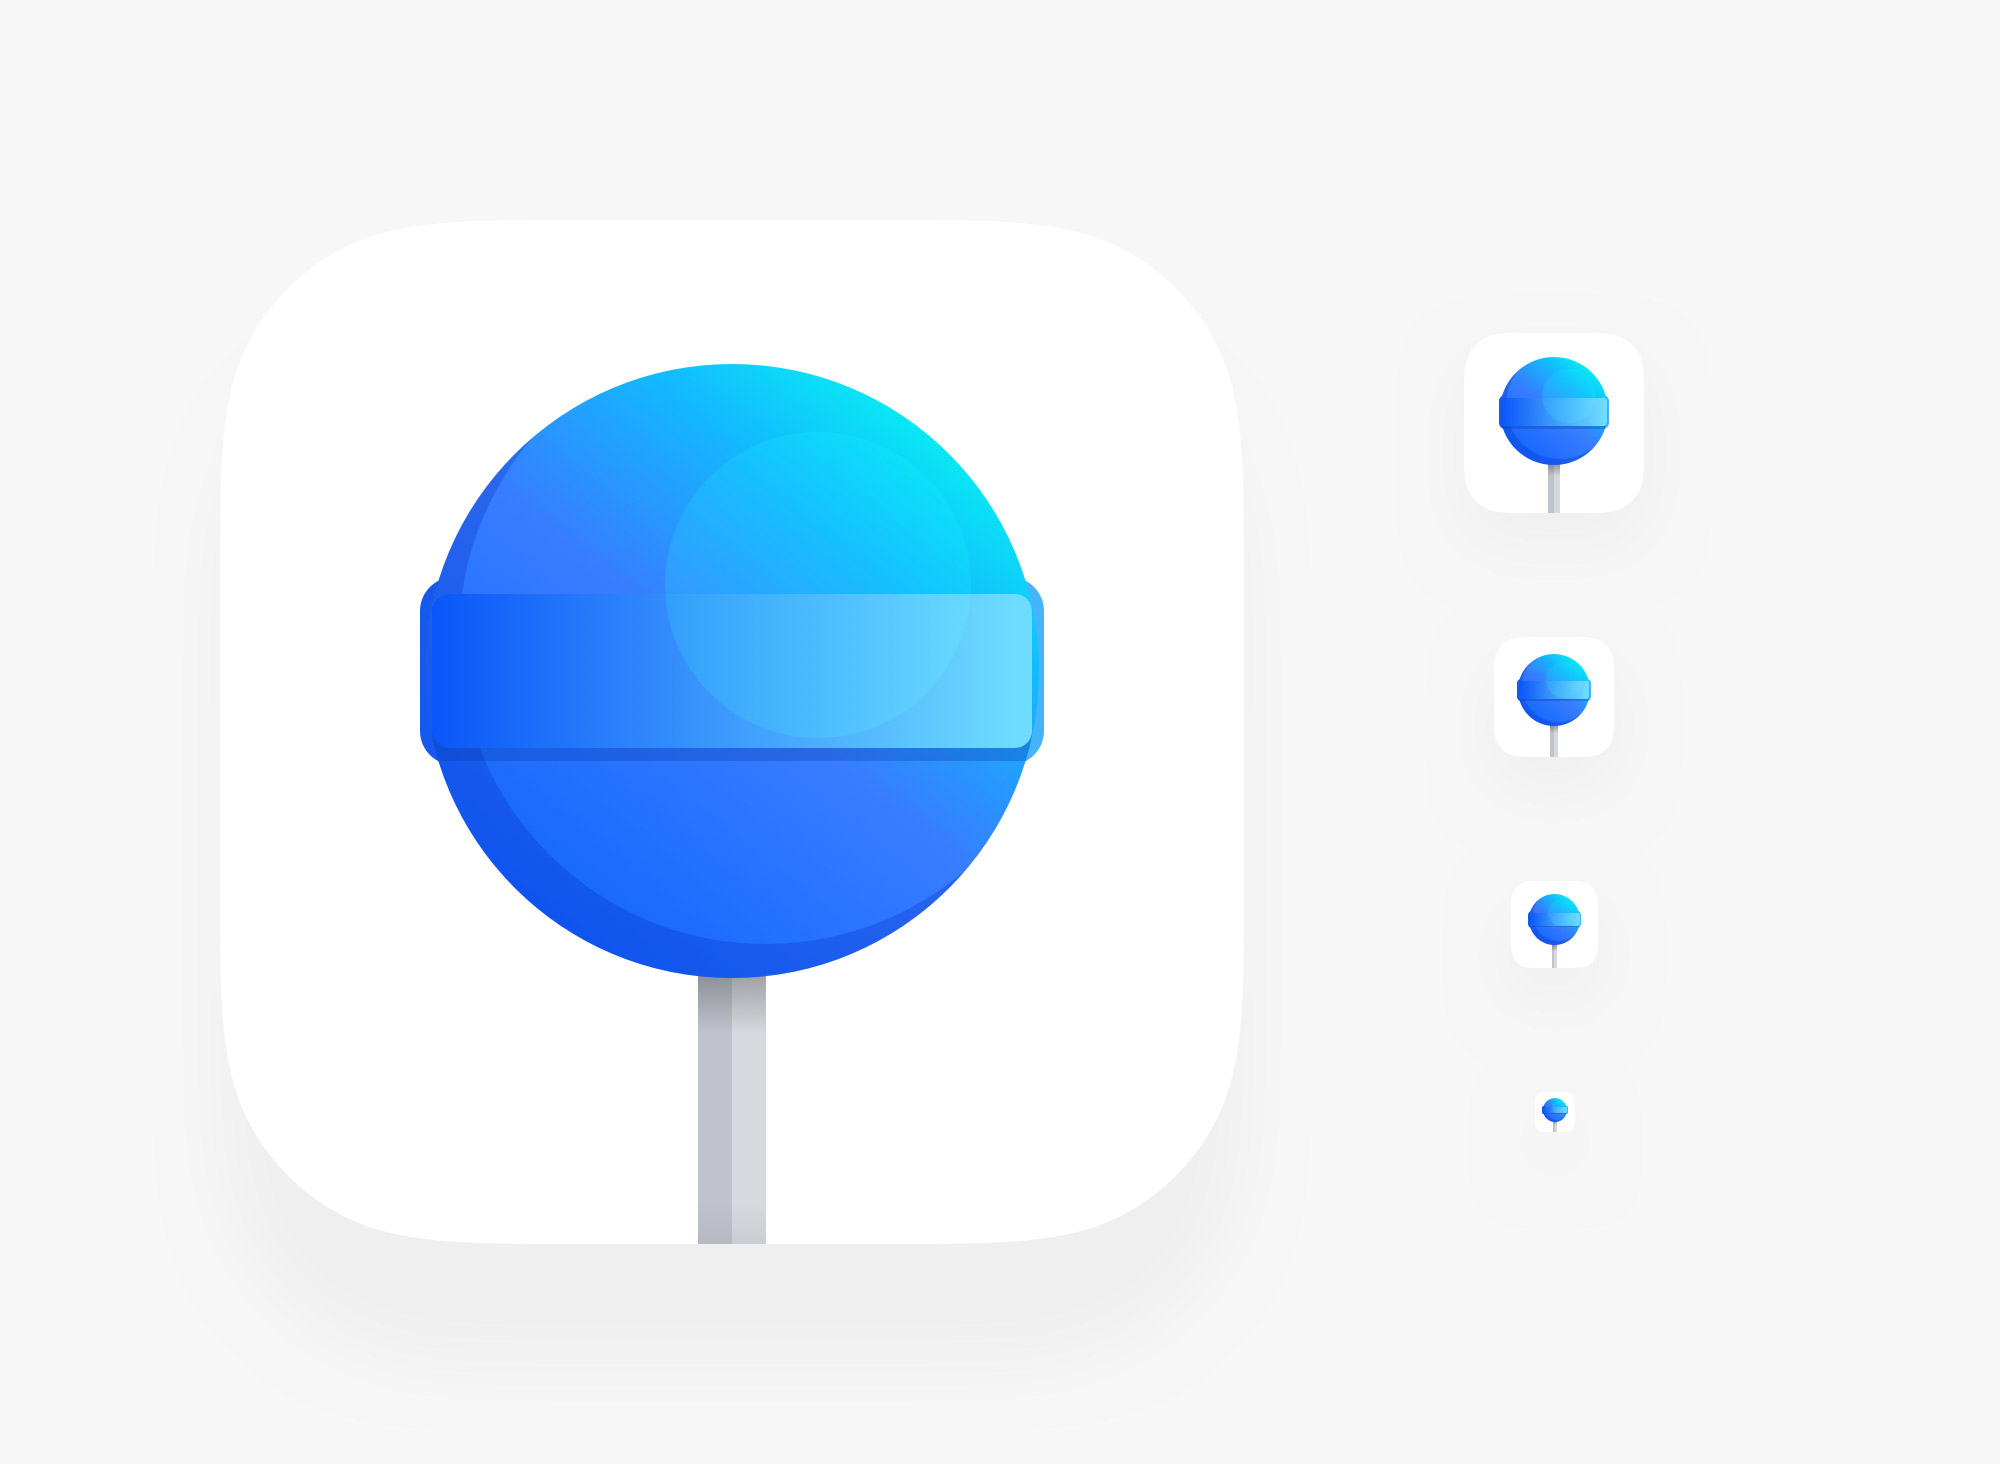 hang_app_icon